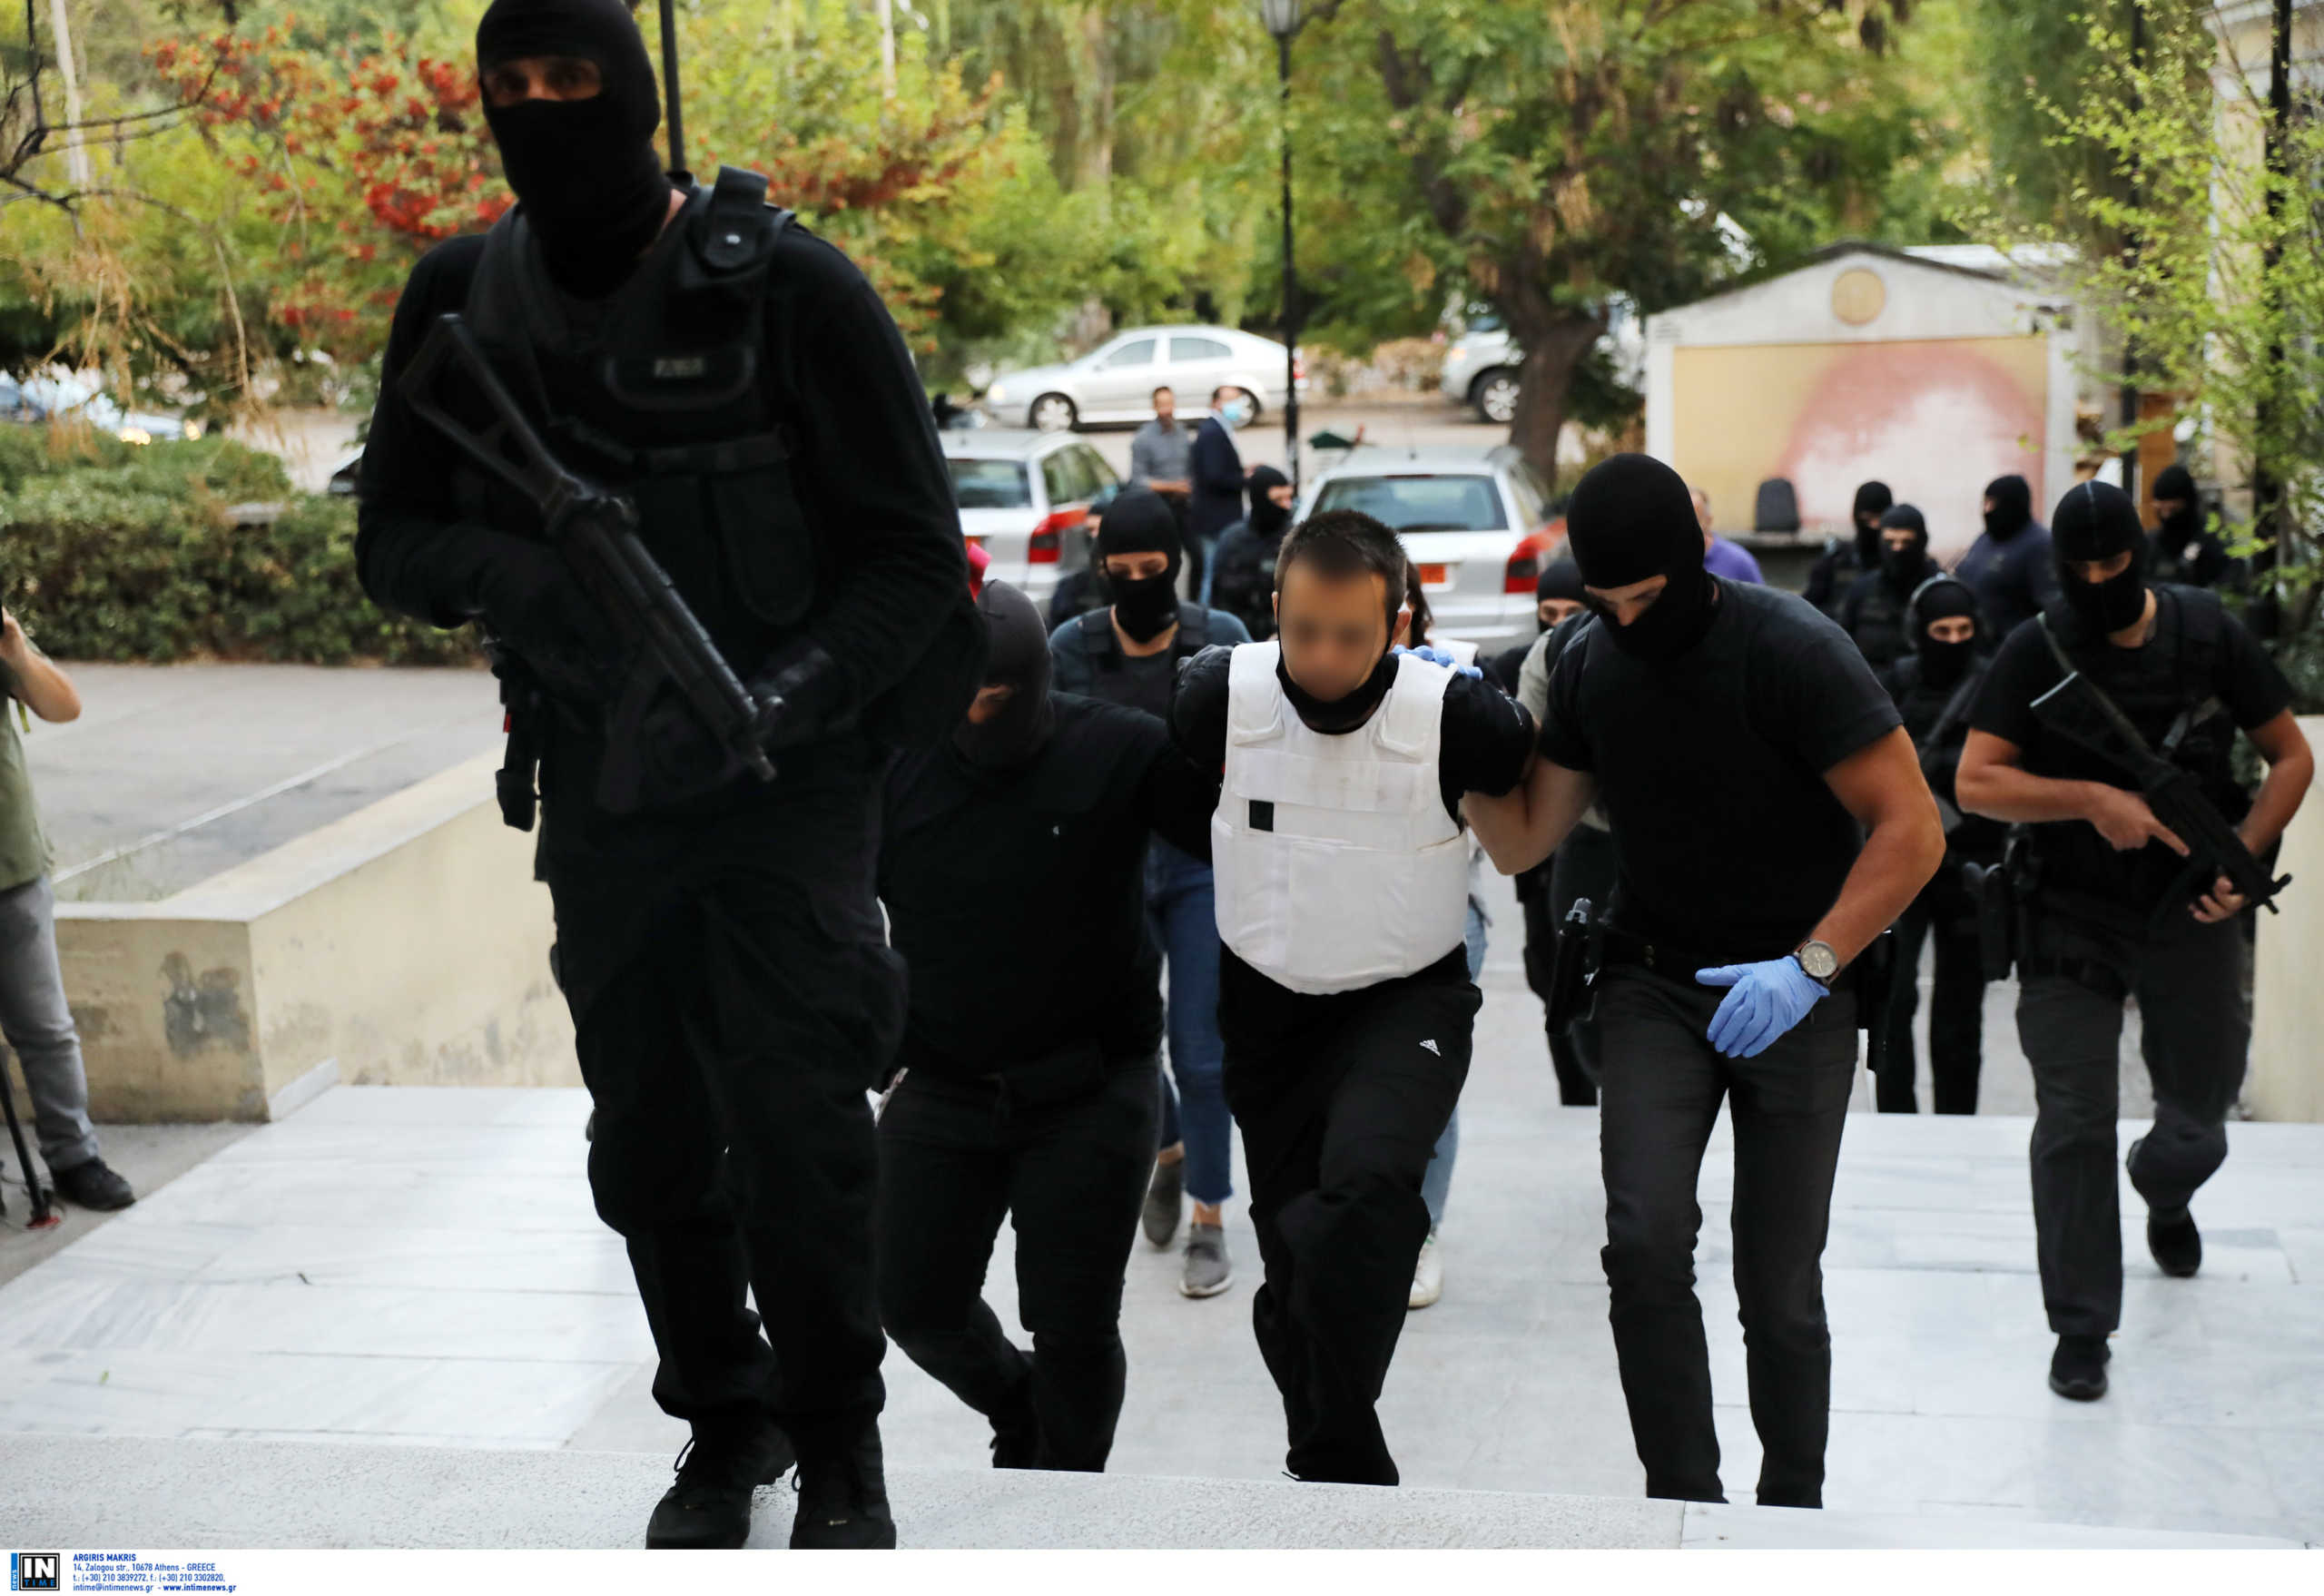 Επιχείρηση Αντιτρομοκρατικής: Στον εισαγγελέα οι τρεις συλληφθέντες – Τα ευρήματα σε Κουκάκι και Πετράλωνα (pics)